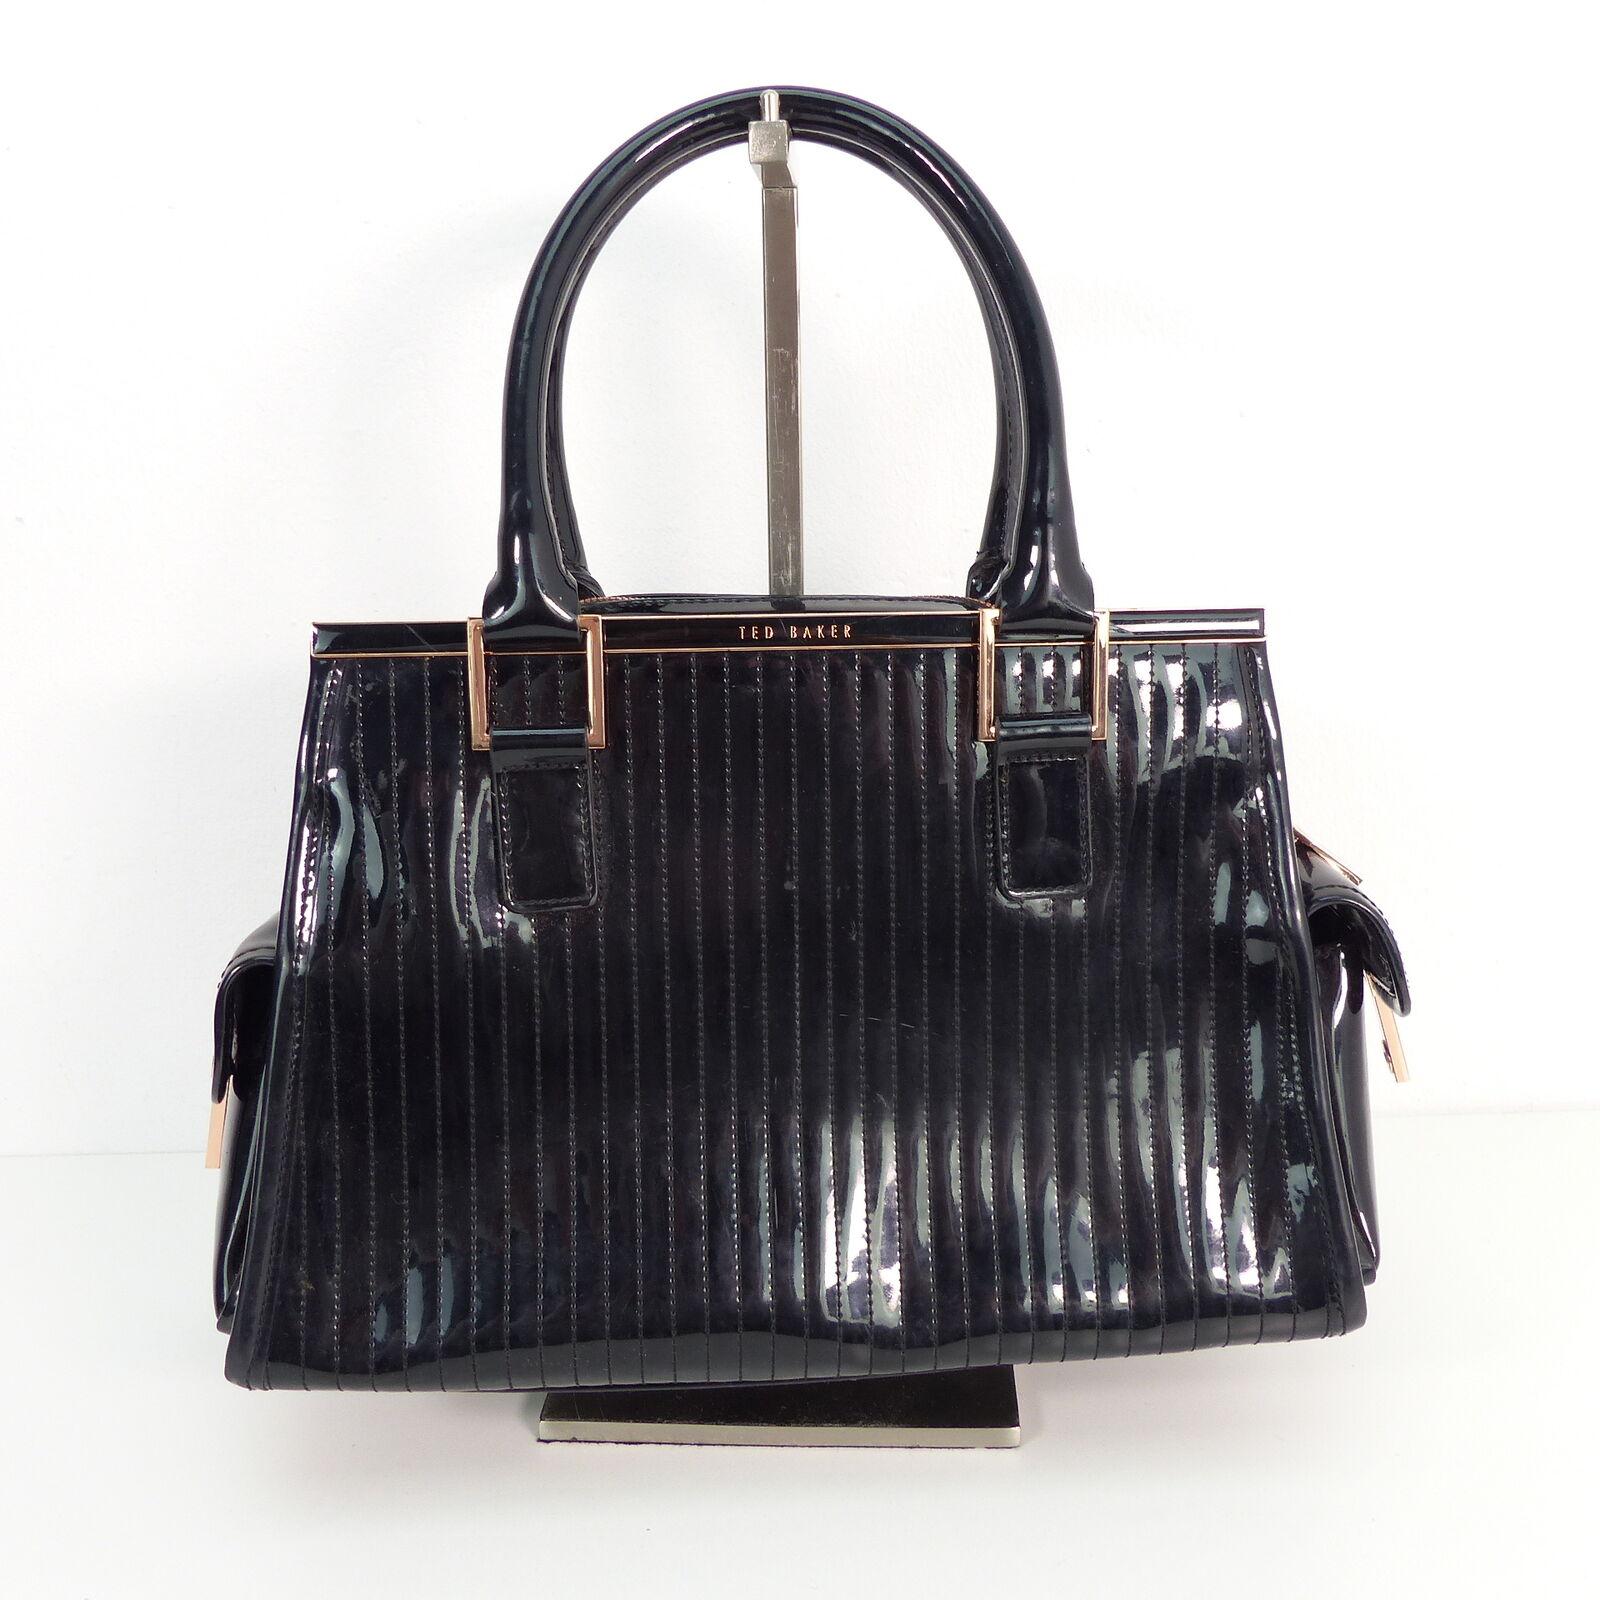 TED BAKER Handtasche Lack Damen Schwarz Tasche Henkeltasche Leather Bag